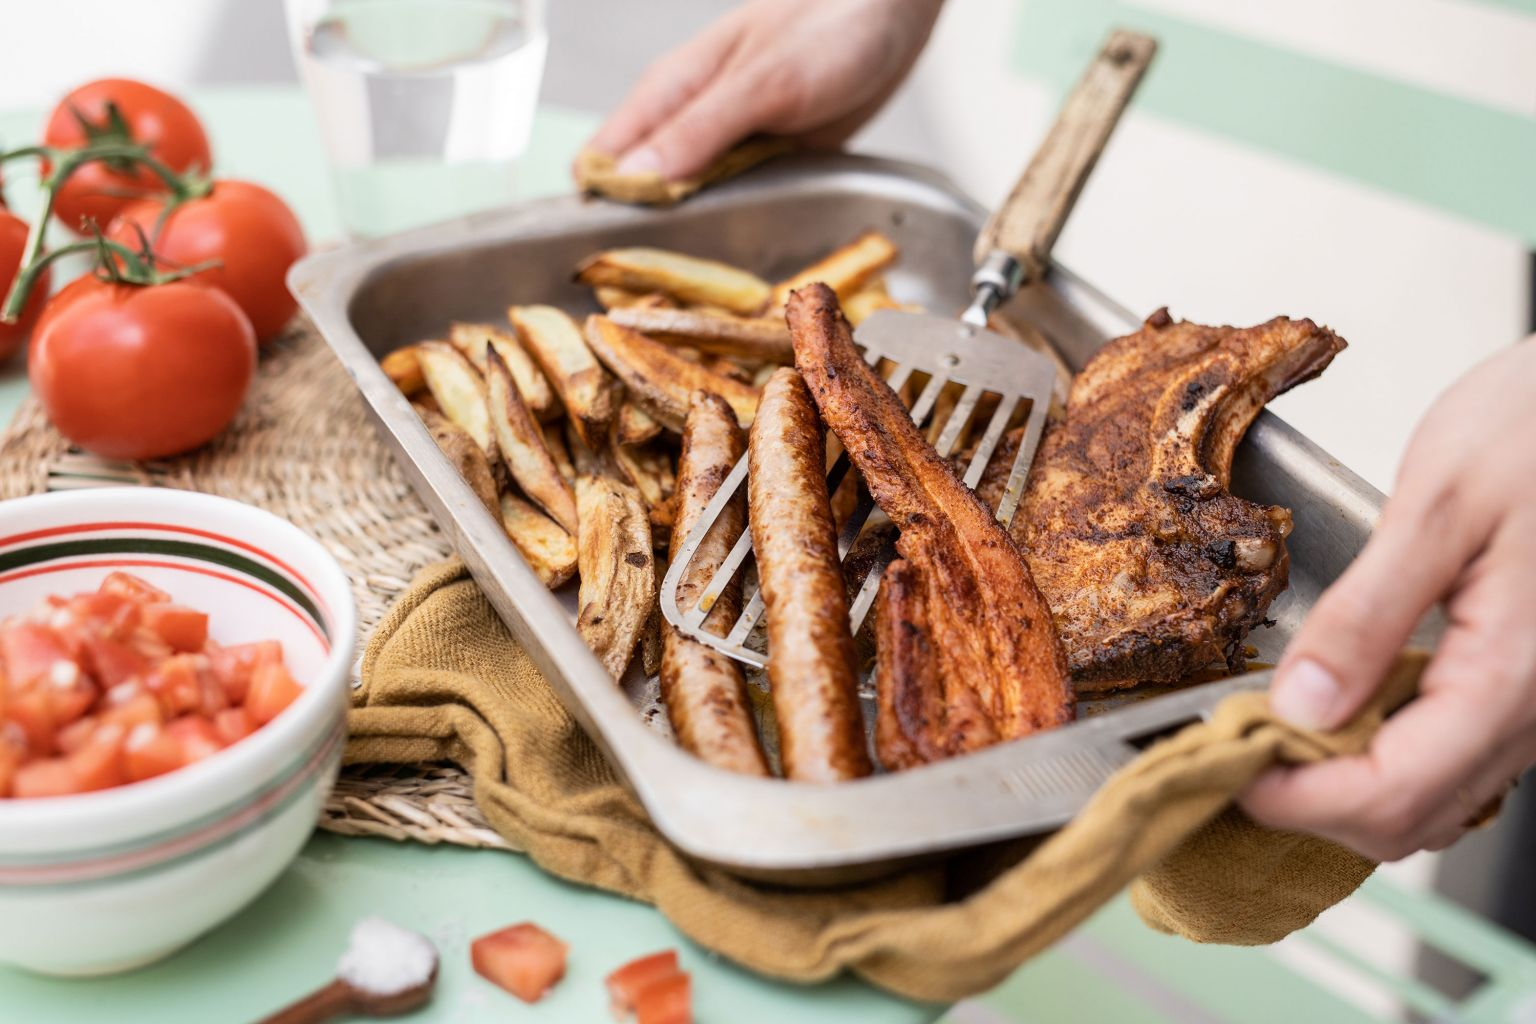 Kit à griller tex mex (poitrine, côte et chipolata), frites et salade de tomate moutardée